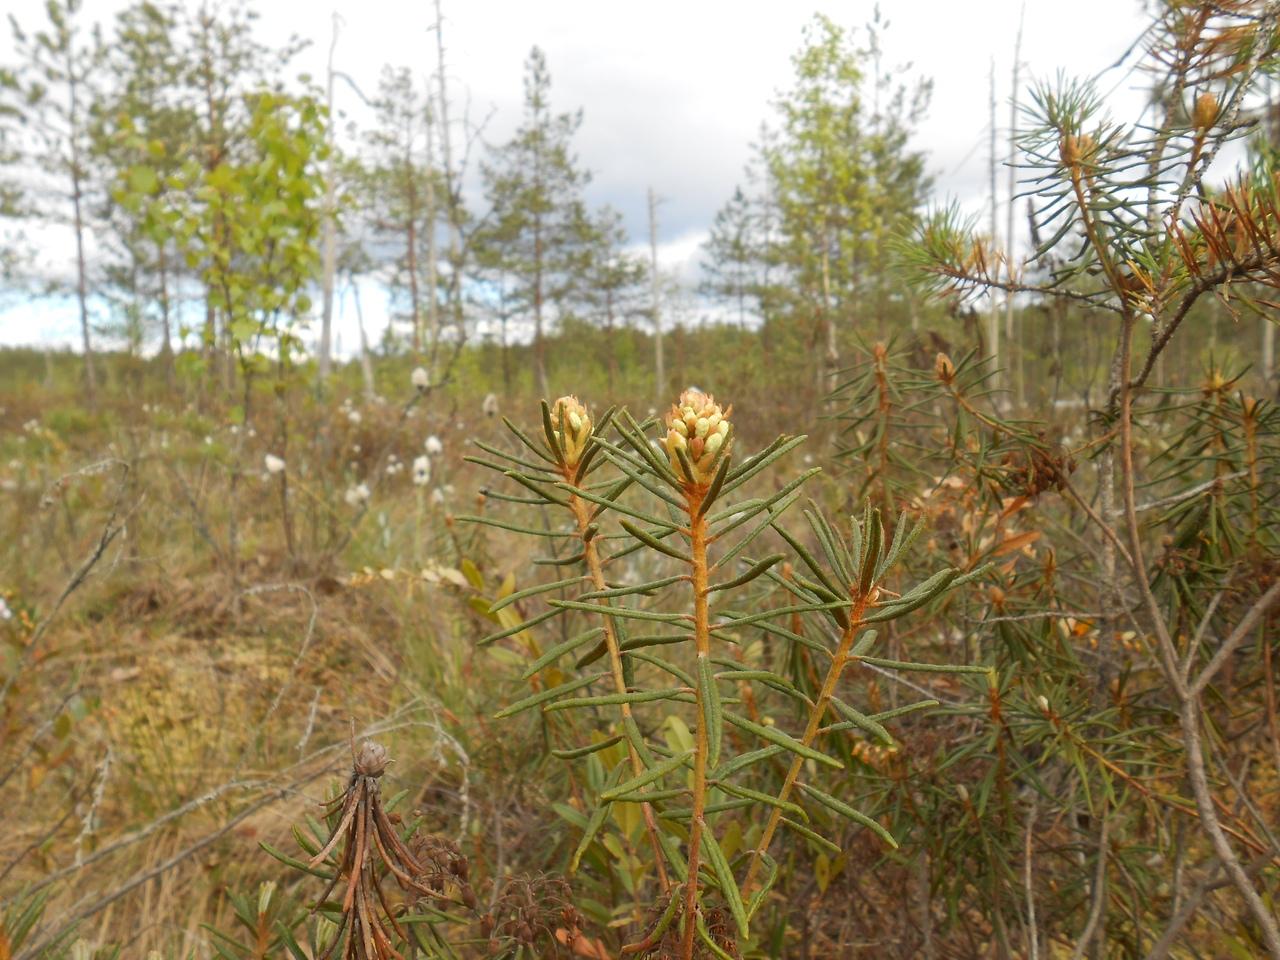 болото, семейство вересковые, растения болот, весеннее болото,багульник болотный